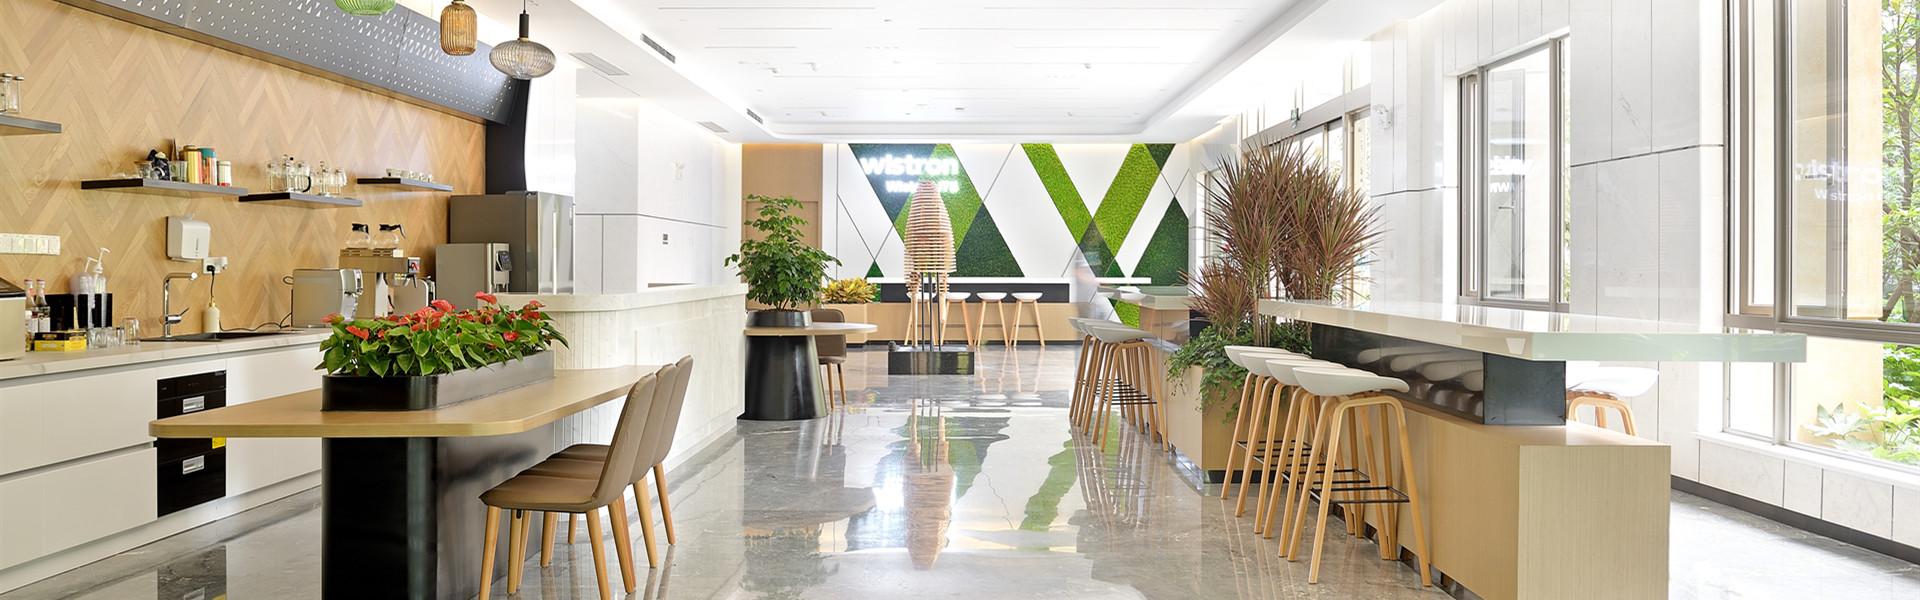 纬创软件休闲空间 圣奥办公家具设计